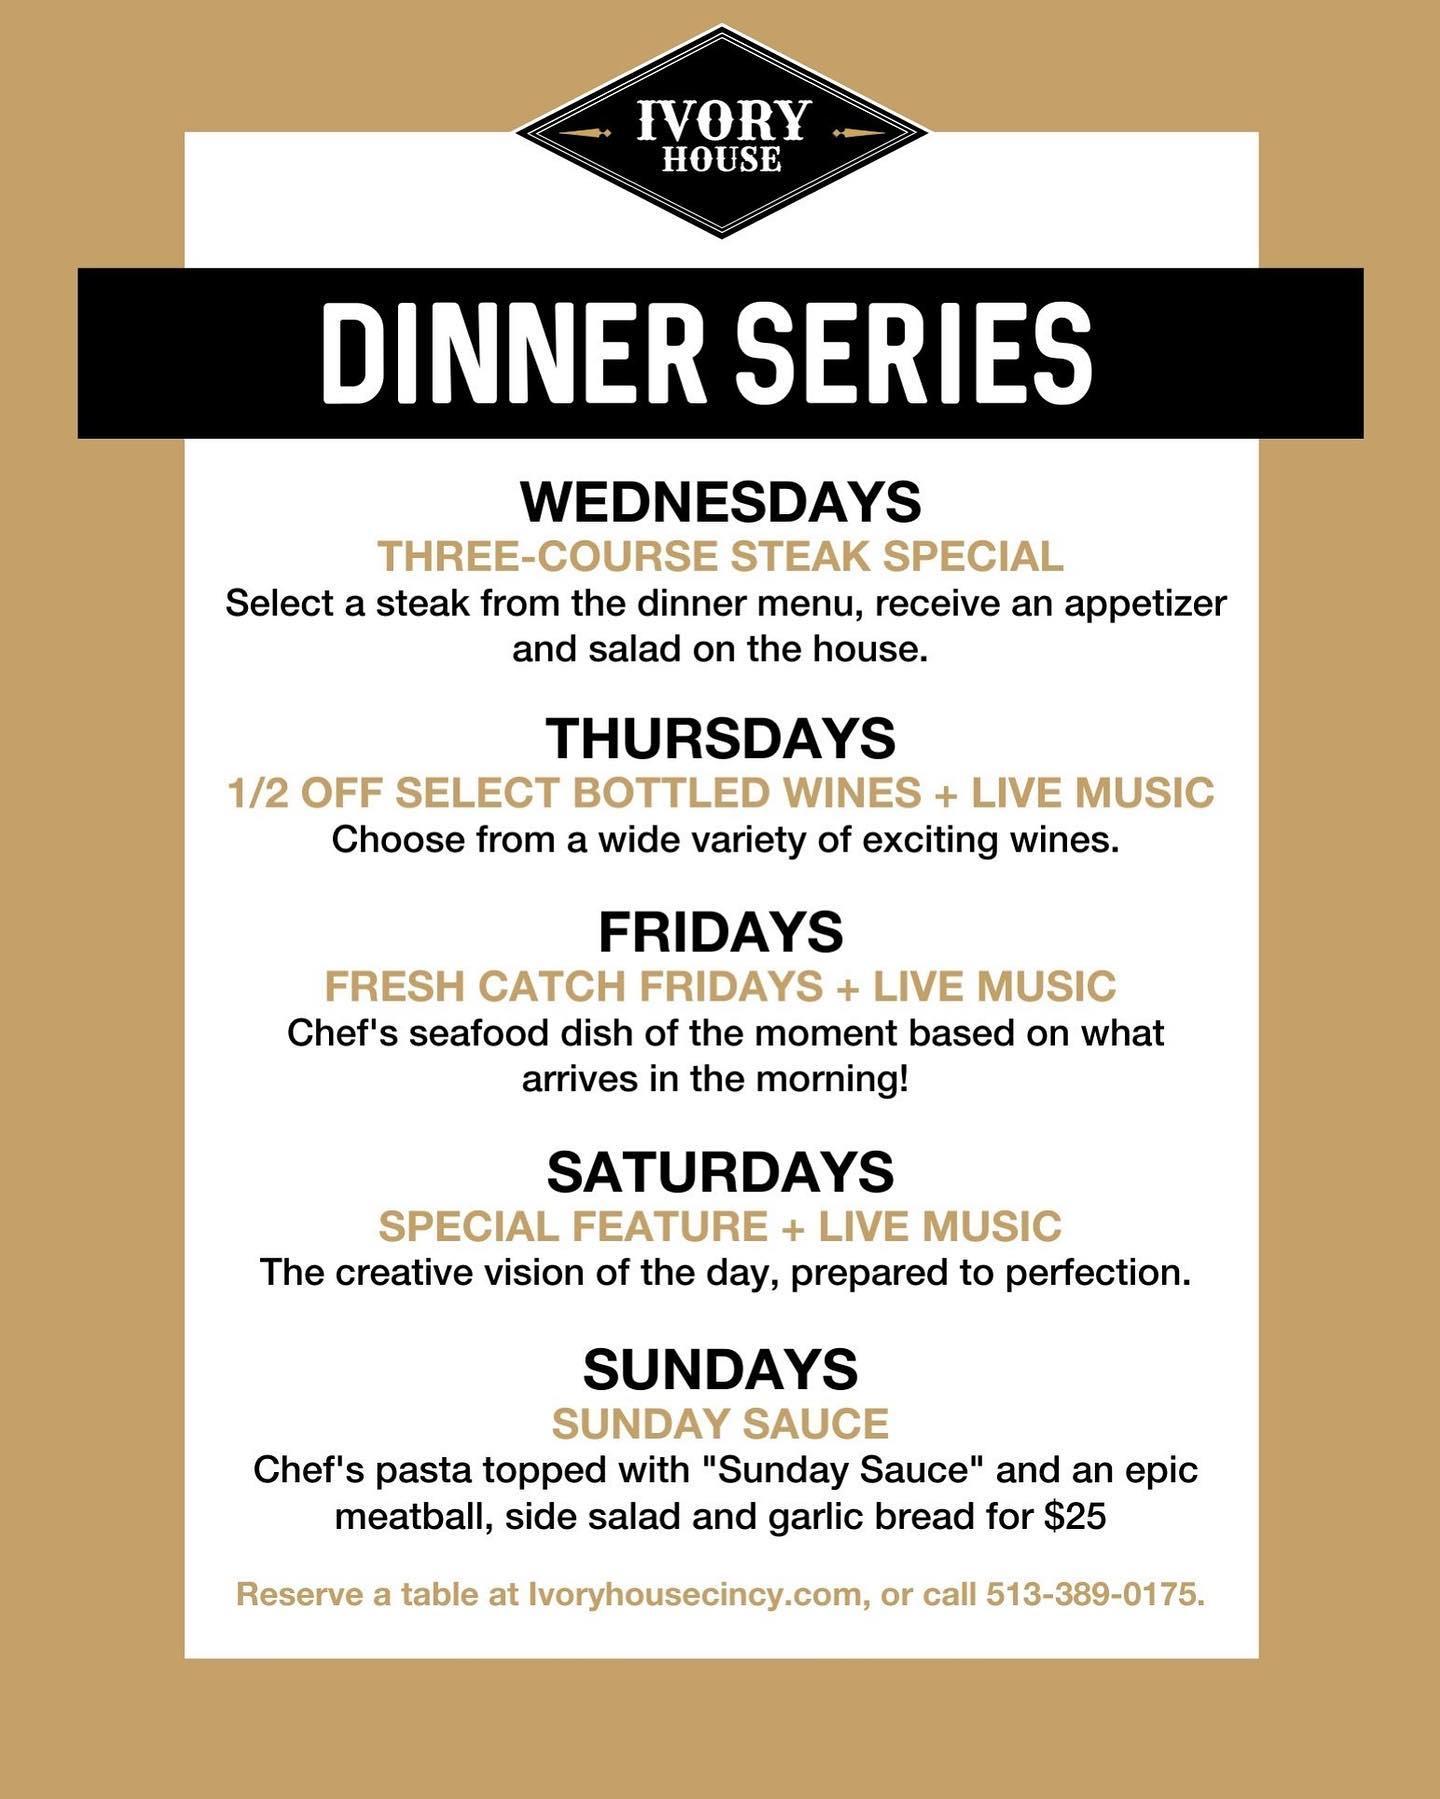 ivory house cincinnati westwood steak seafood catering specials dinner series cocktails wine beer